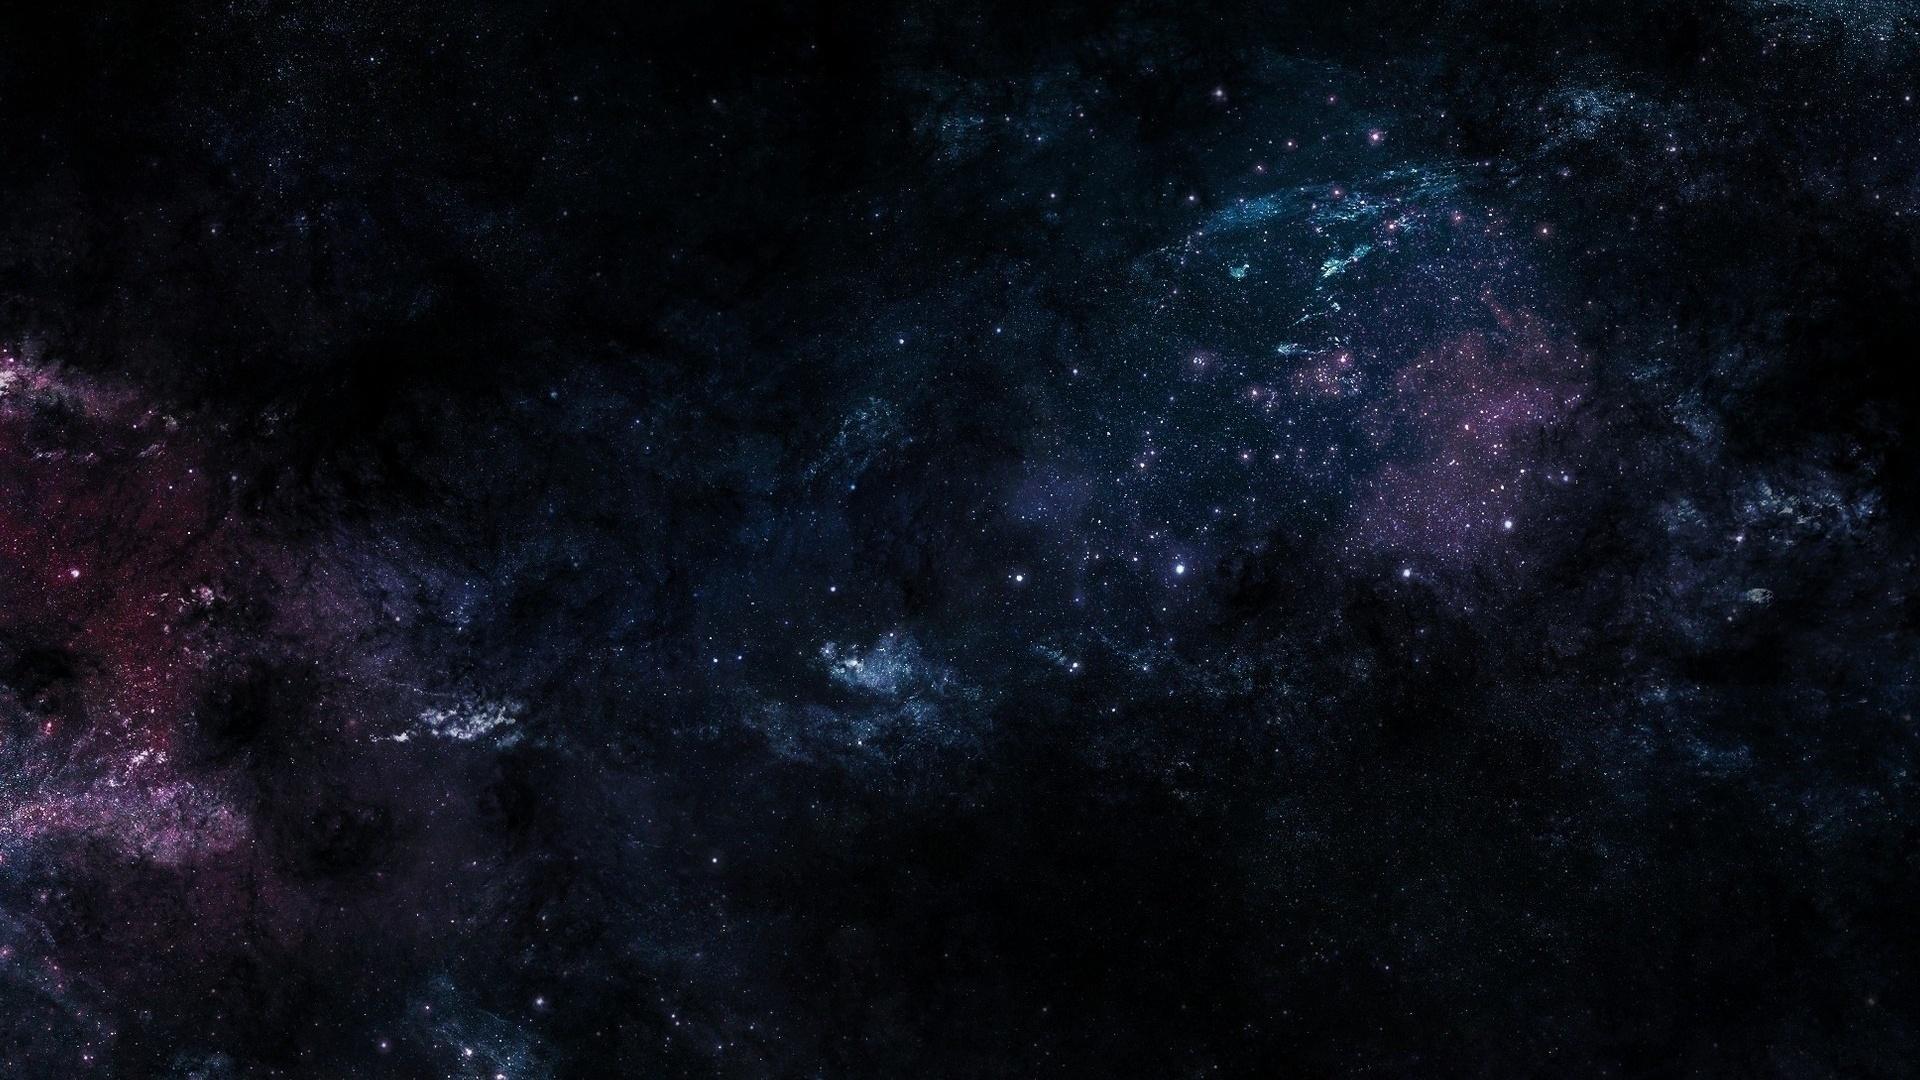 Скачать картинку Космос, Пейзаж в телефон бесплатно.